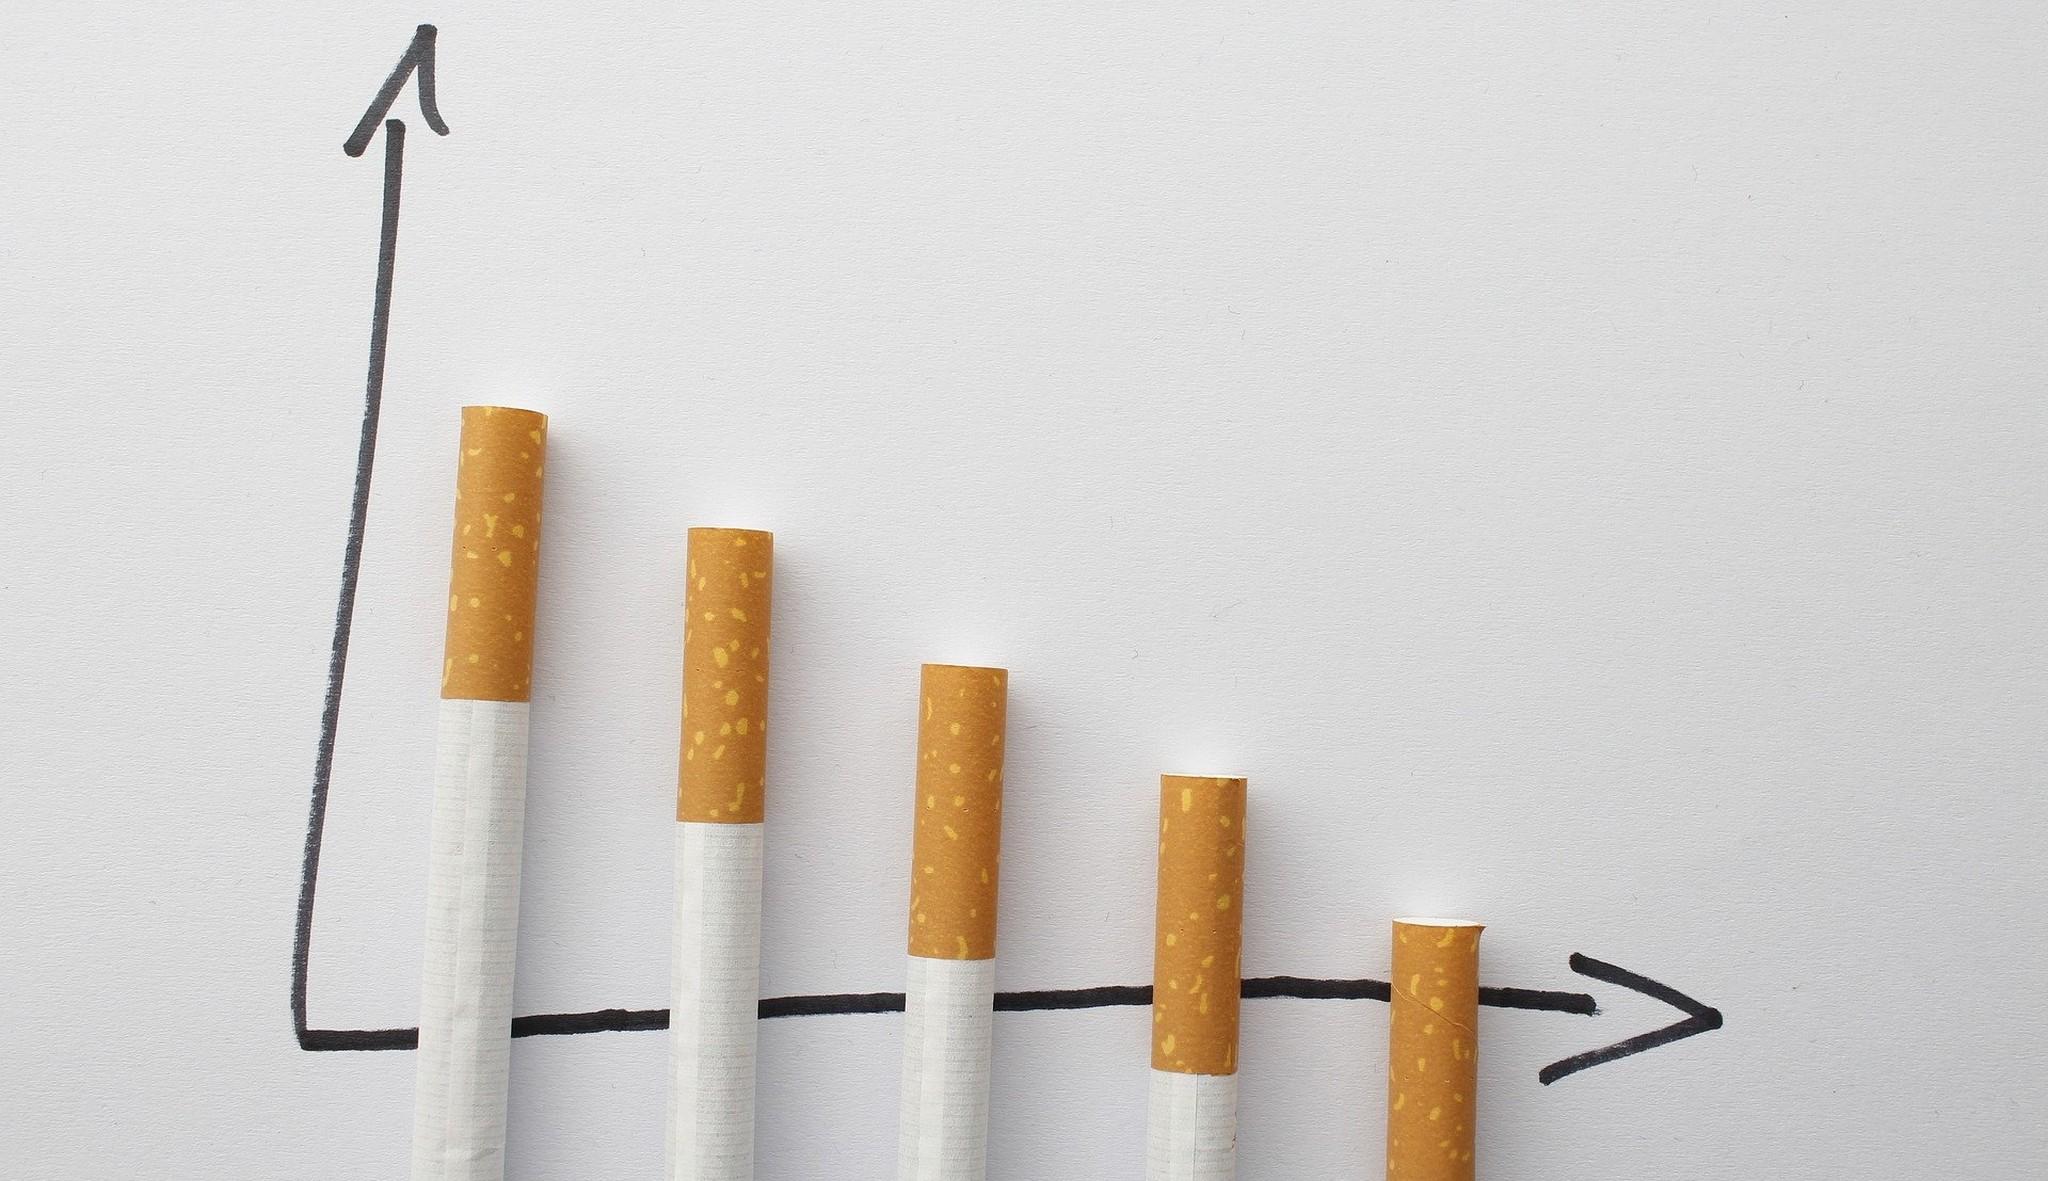 В России могут запретить ароматизаторы для сигарет и вейпов